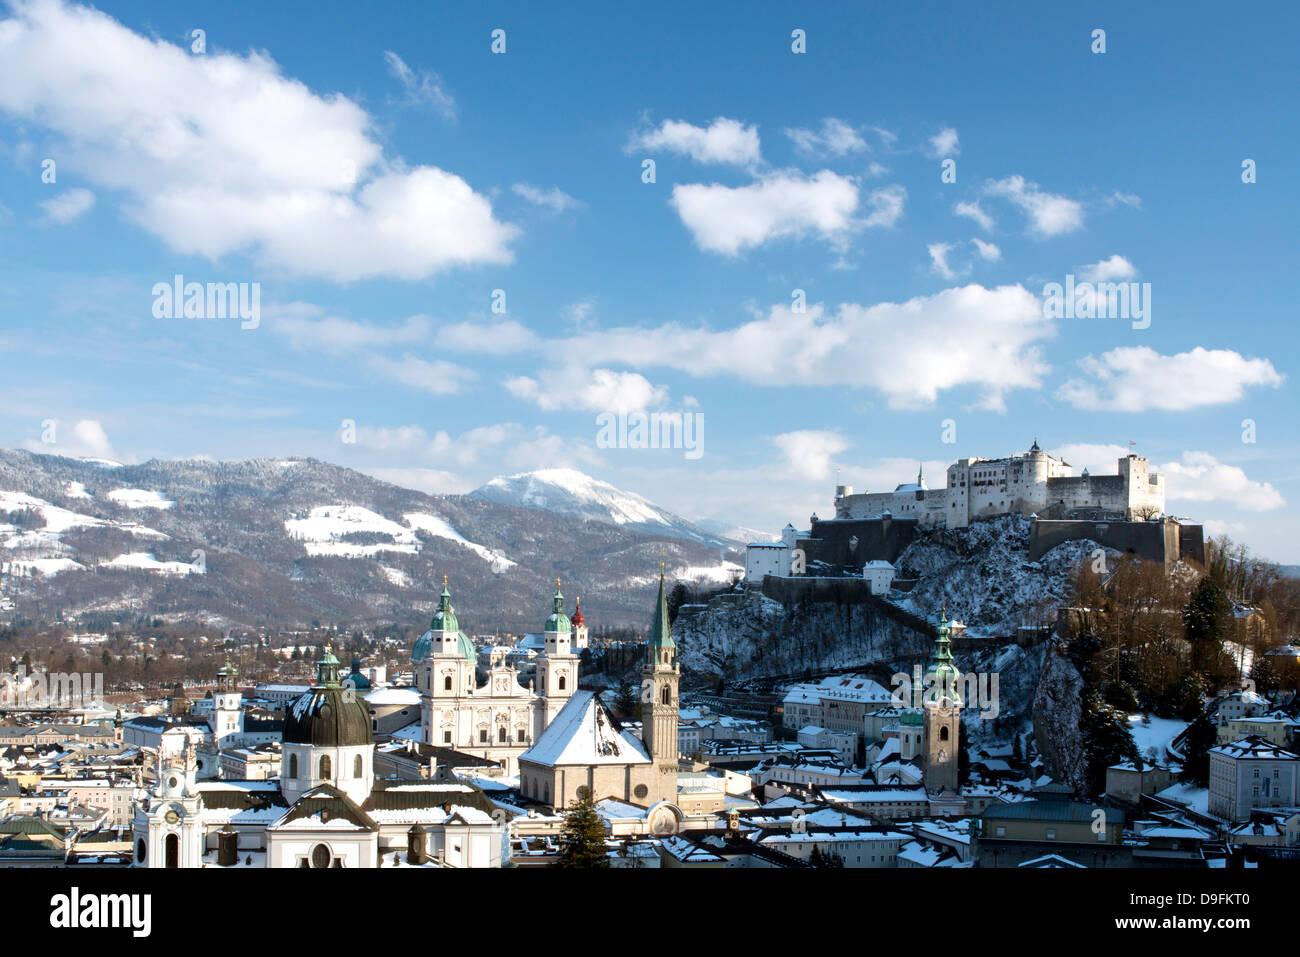 Die Skyline der Altstadt einschließlich der Salzburger Dom, Franziskaner Kirche und Festung Hohensalzburg hinter, Stockbild